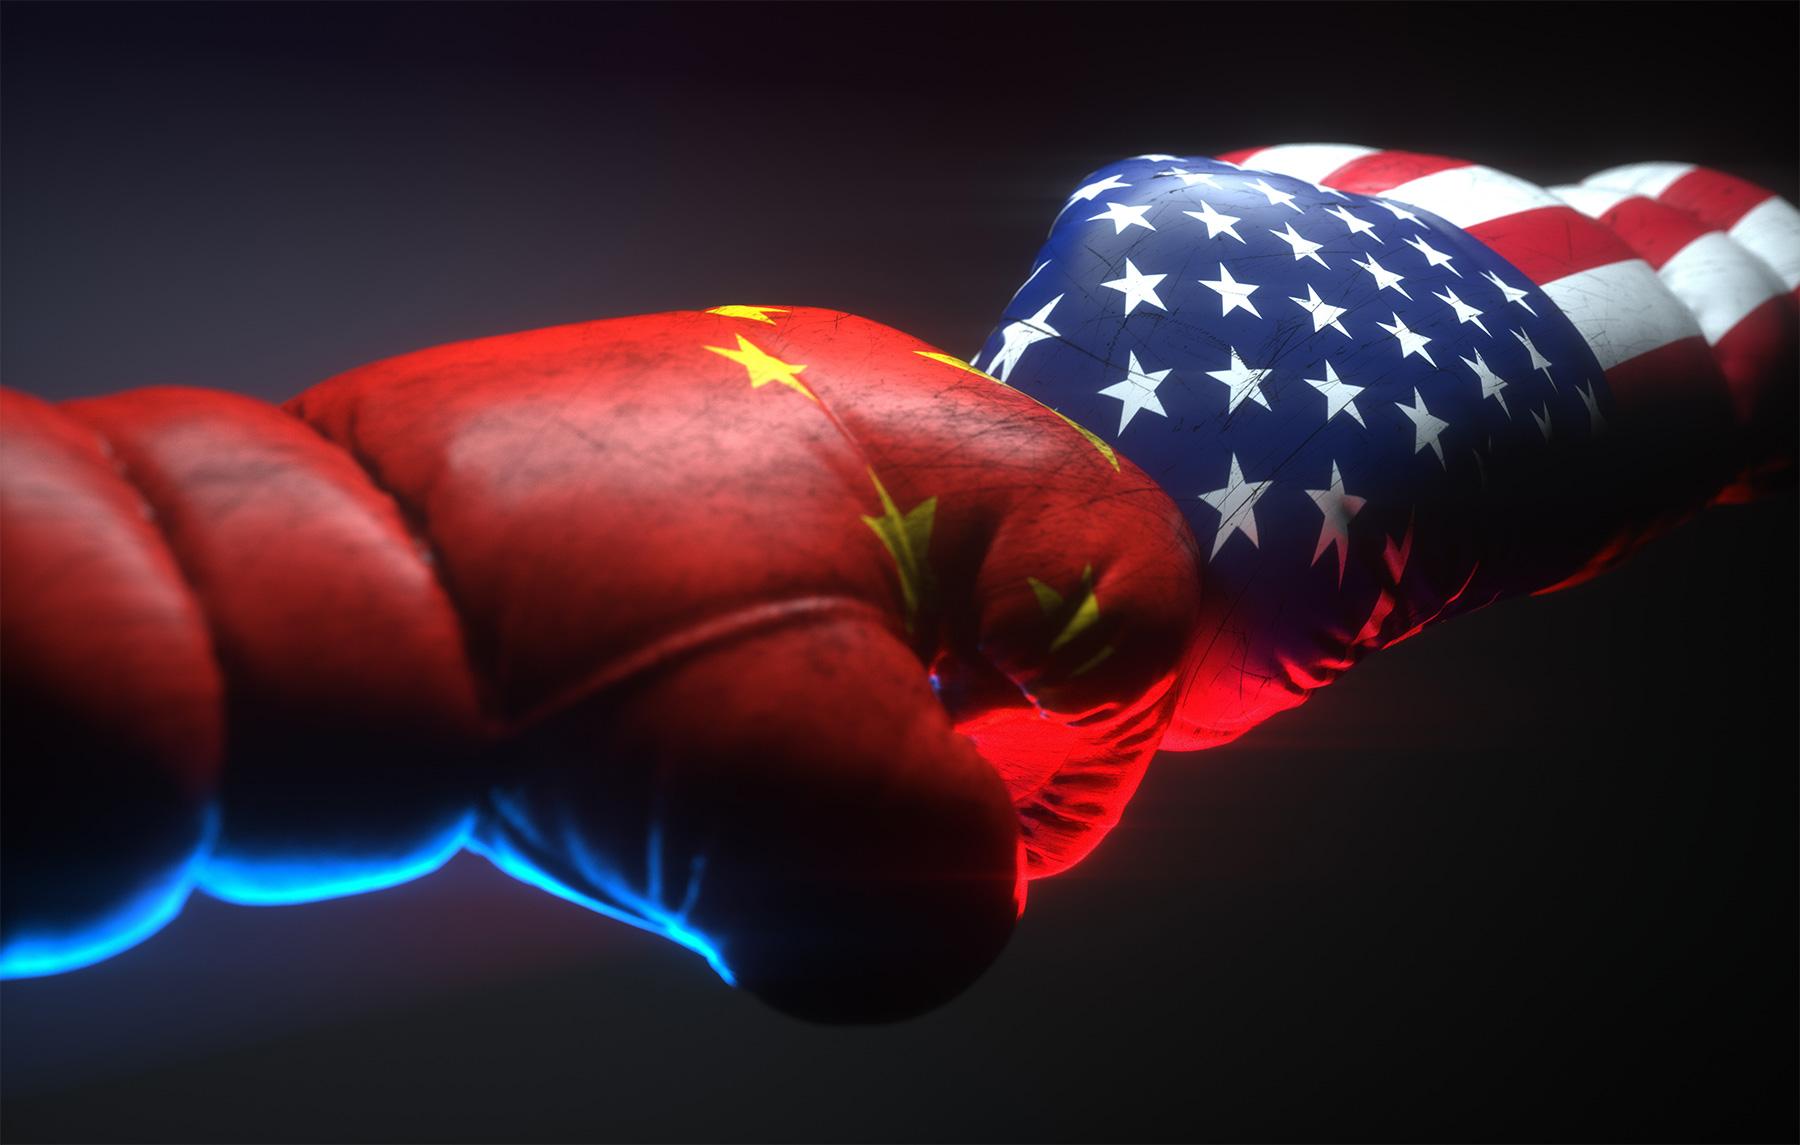 РСМД :: Какие возможности открываются для России в условиях технологического  противостояния США и Китая?